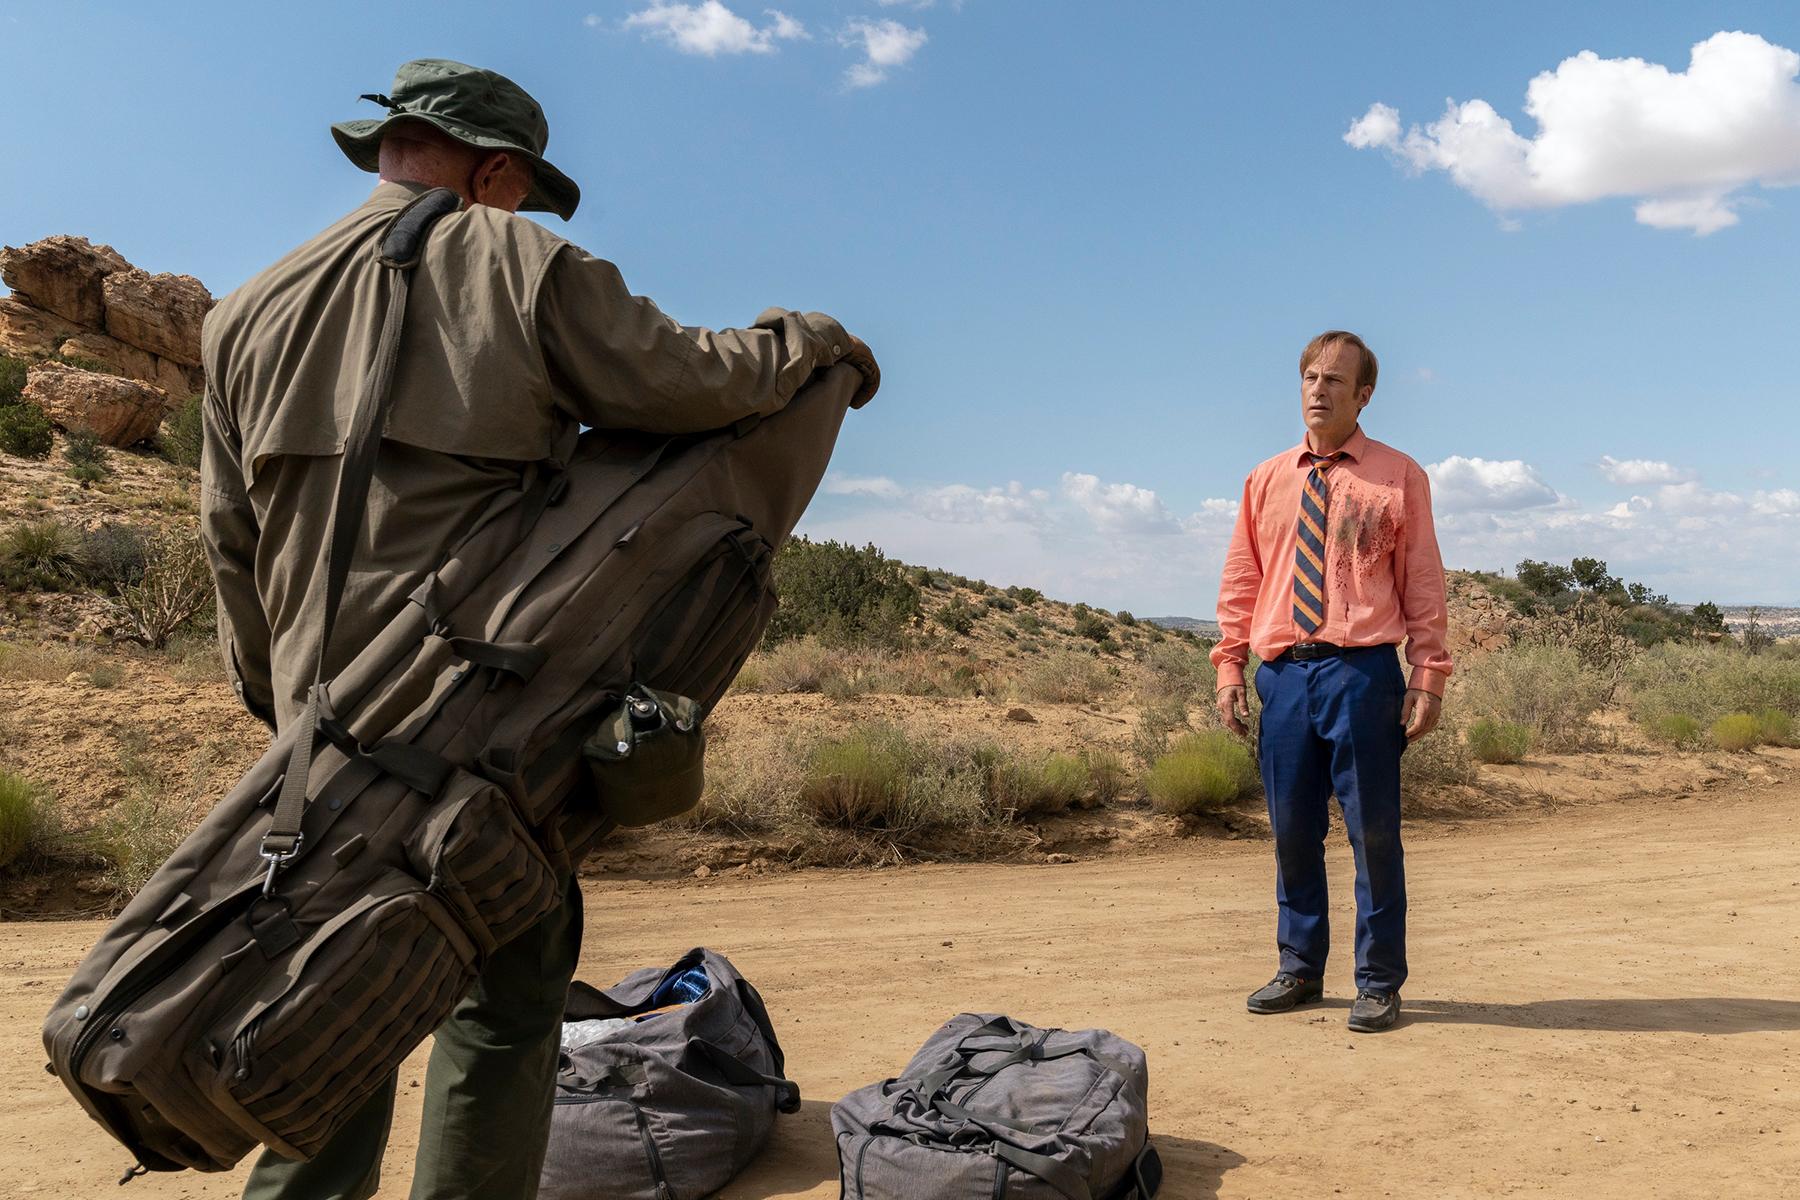 Mike et Saul